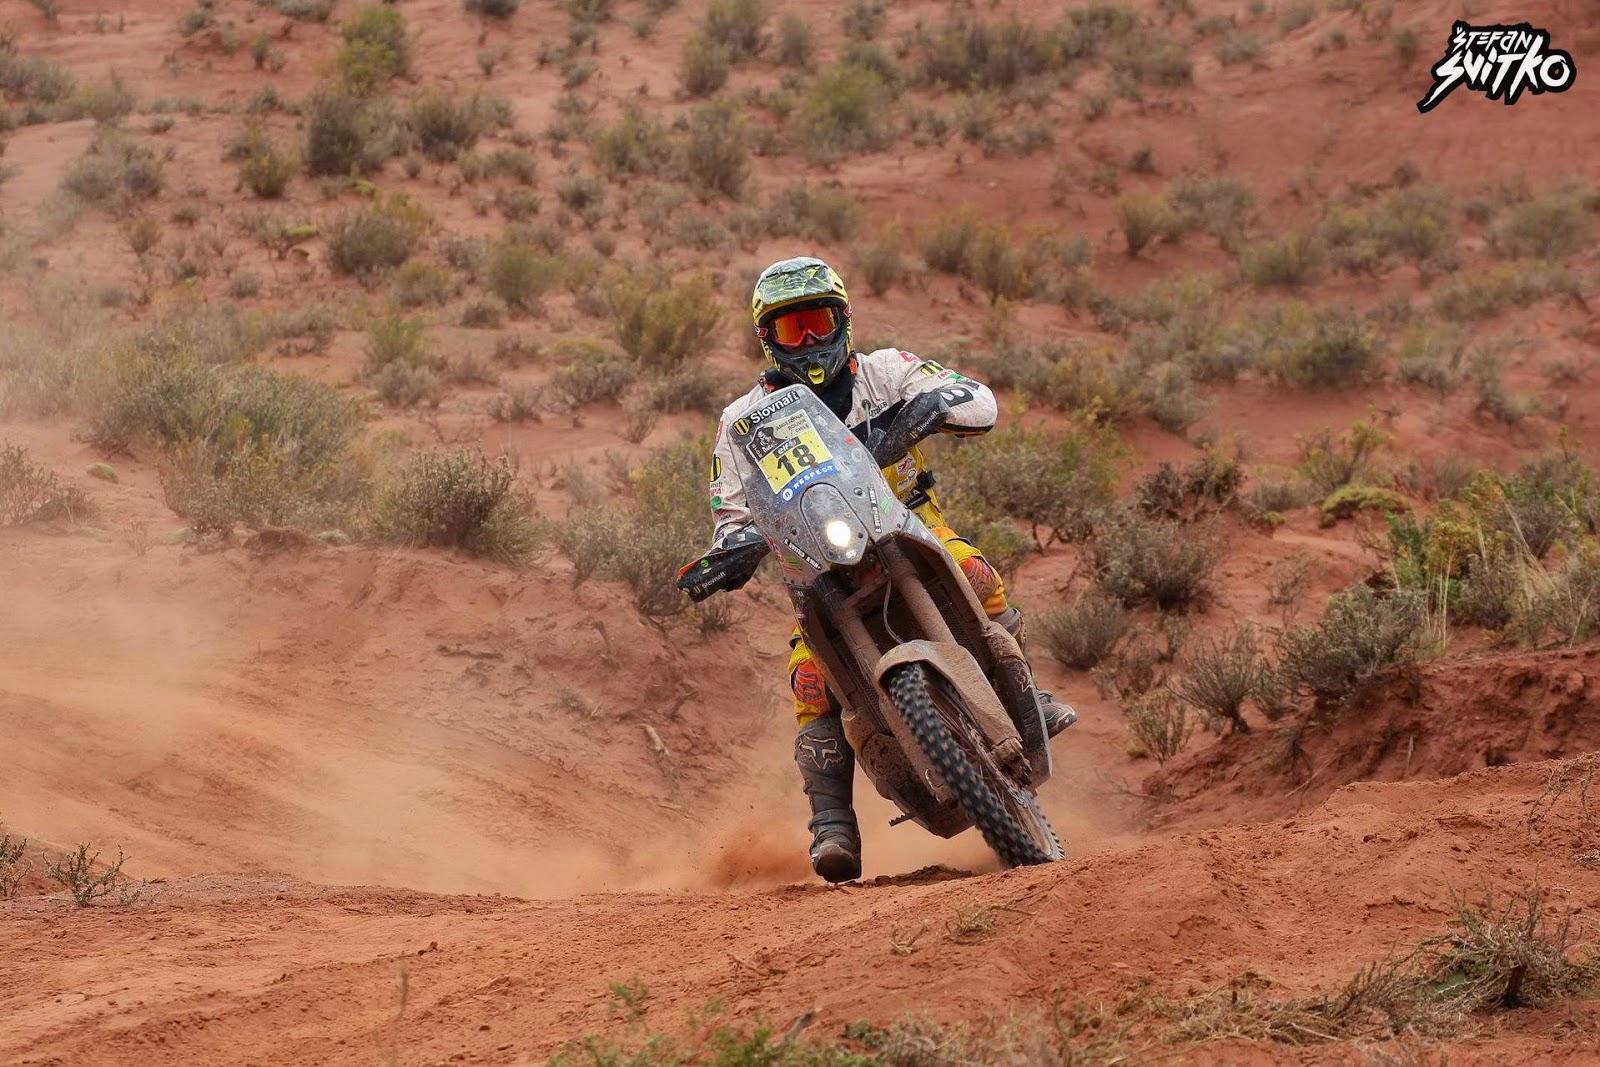 Rallye Dakar 2015 – 8. etapa